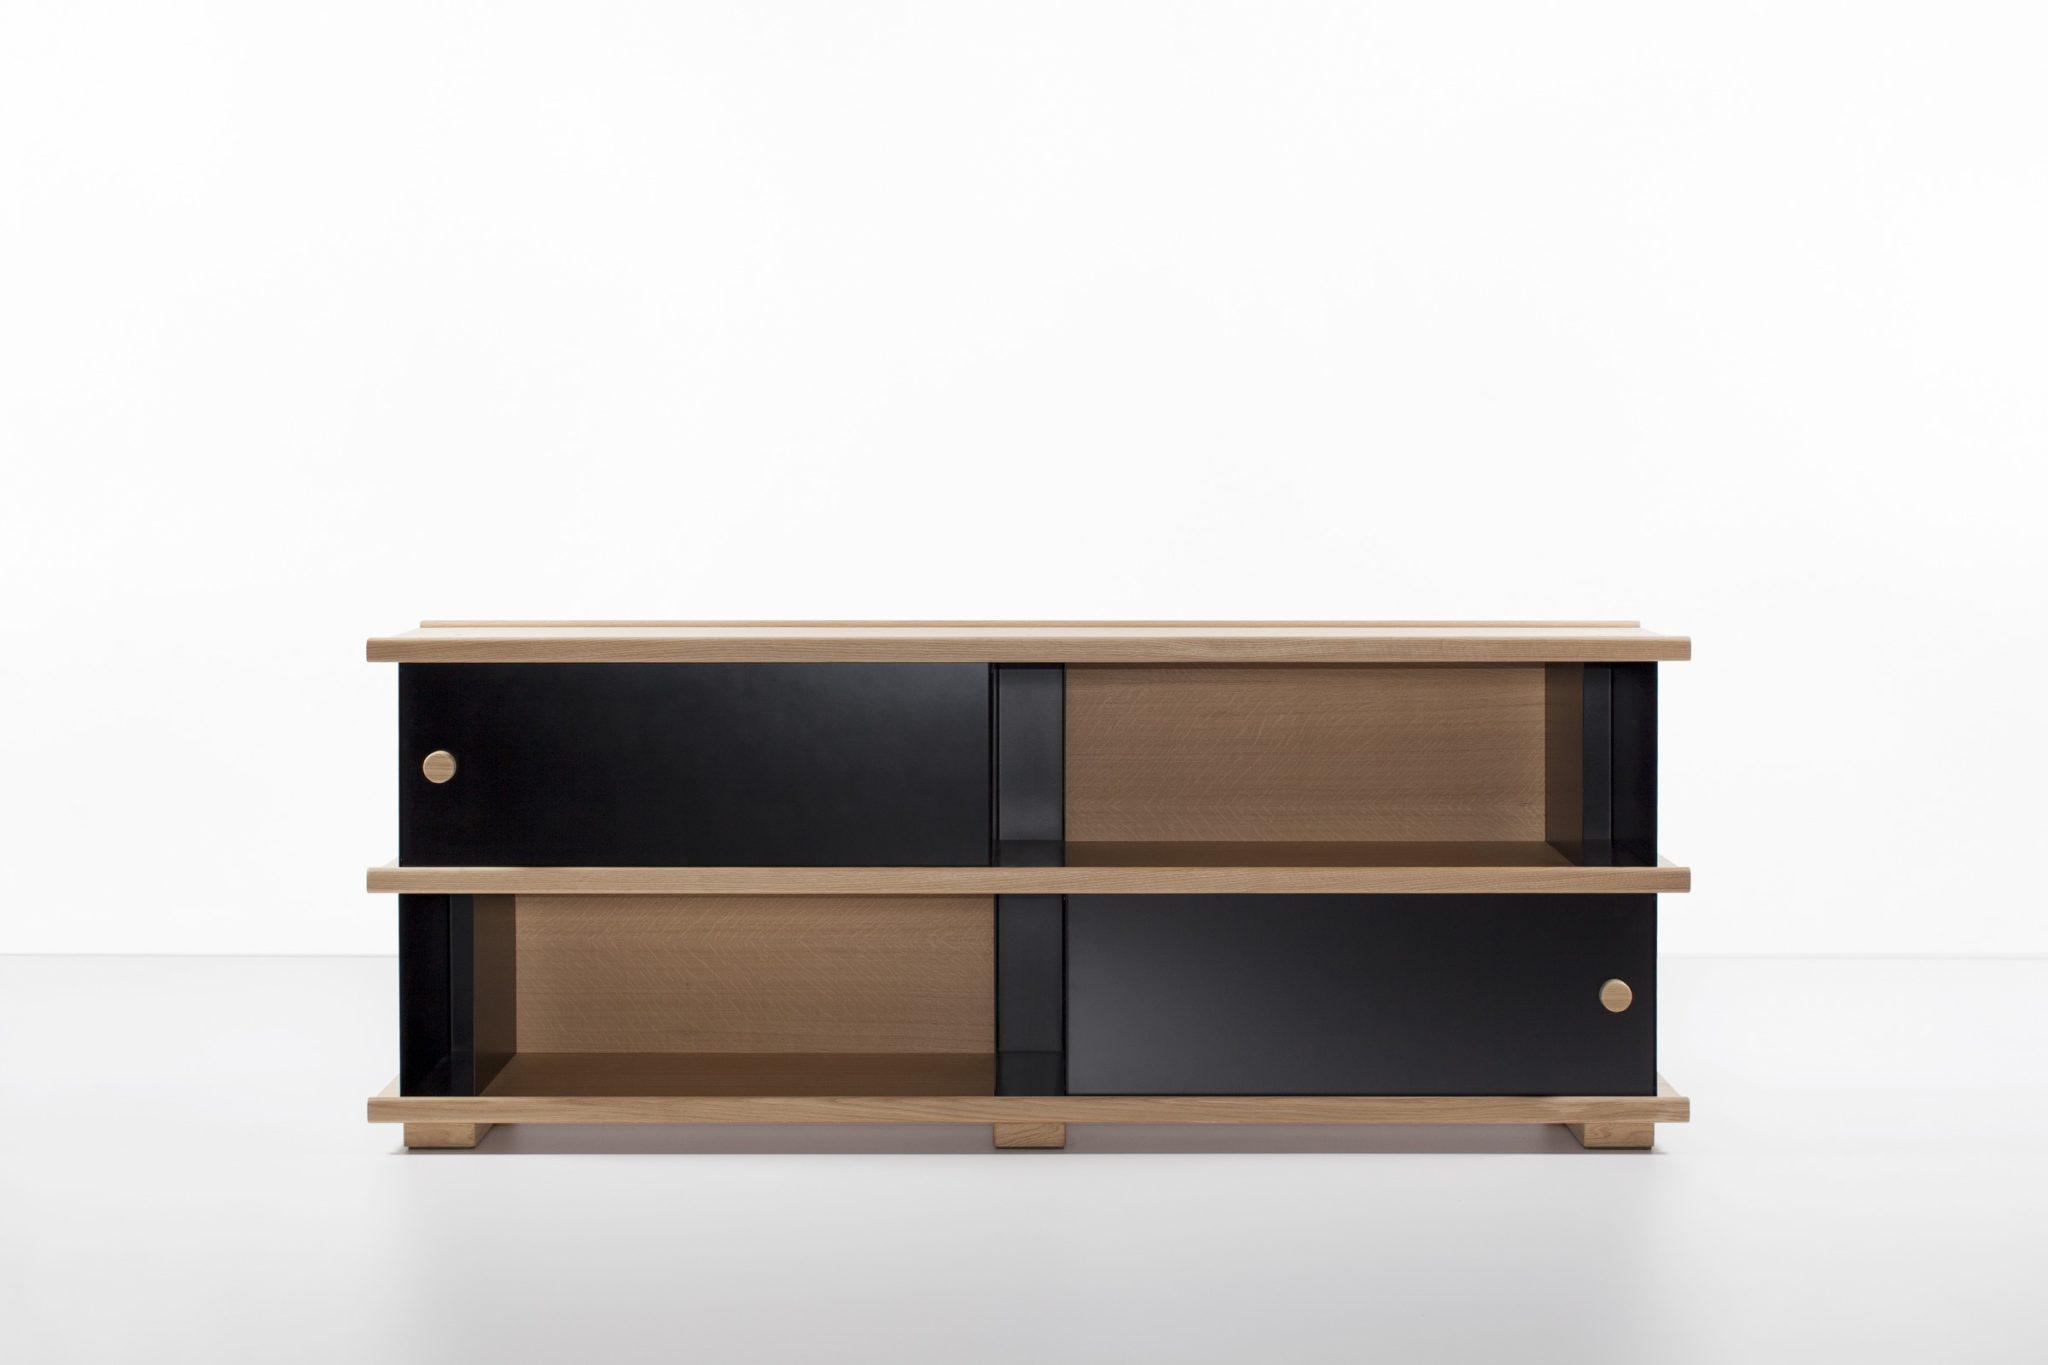 Maison et Objet 2020, Cruso Belgian wooden furniture, shelf designed by Big Game